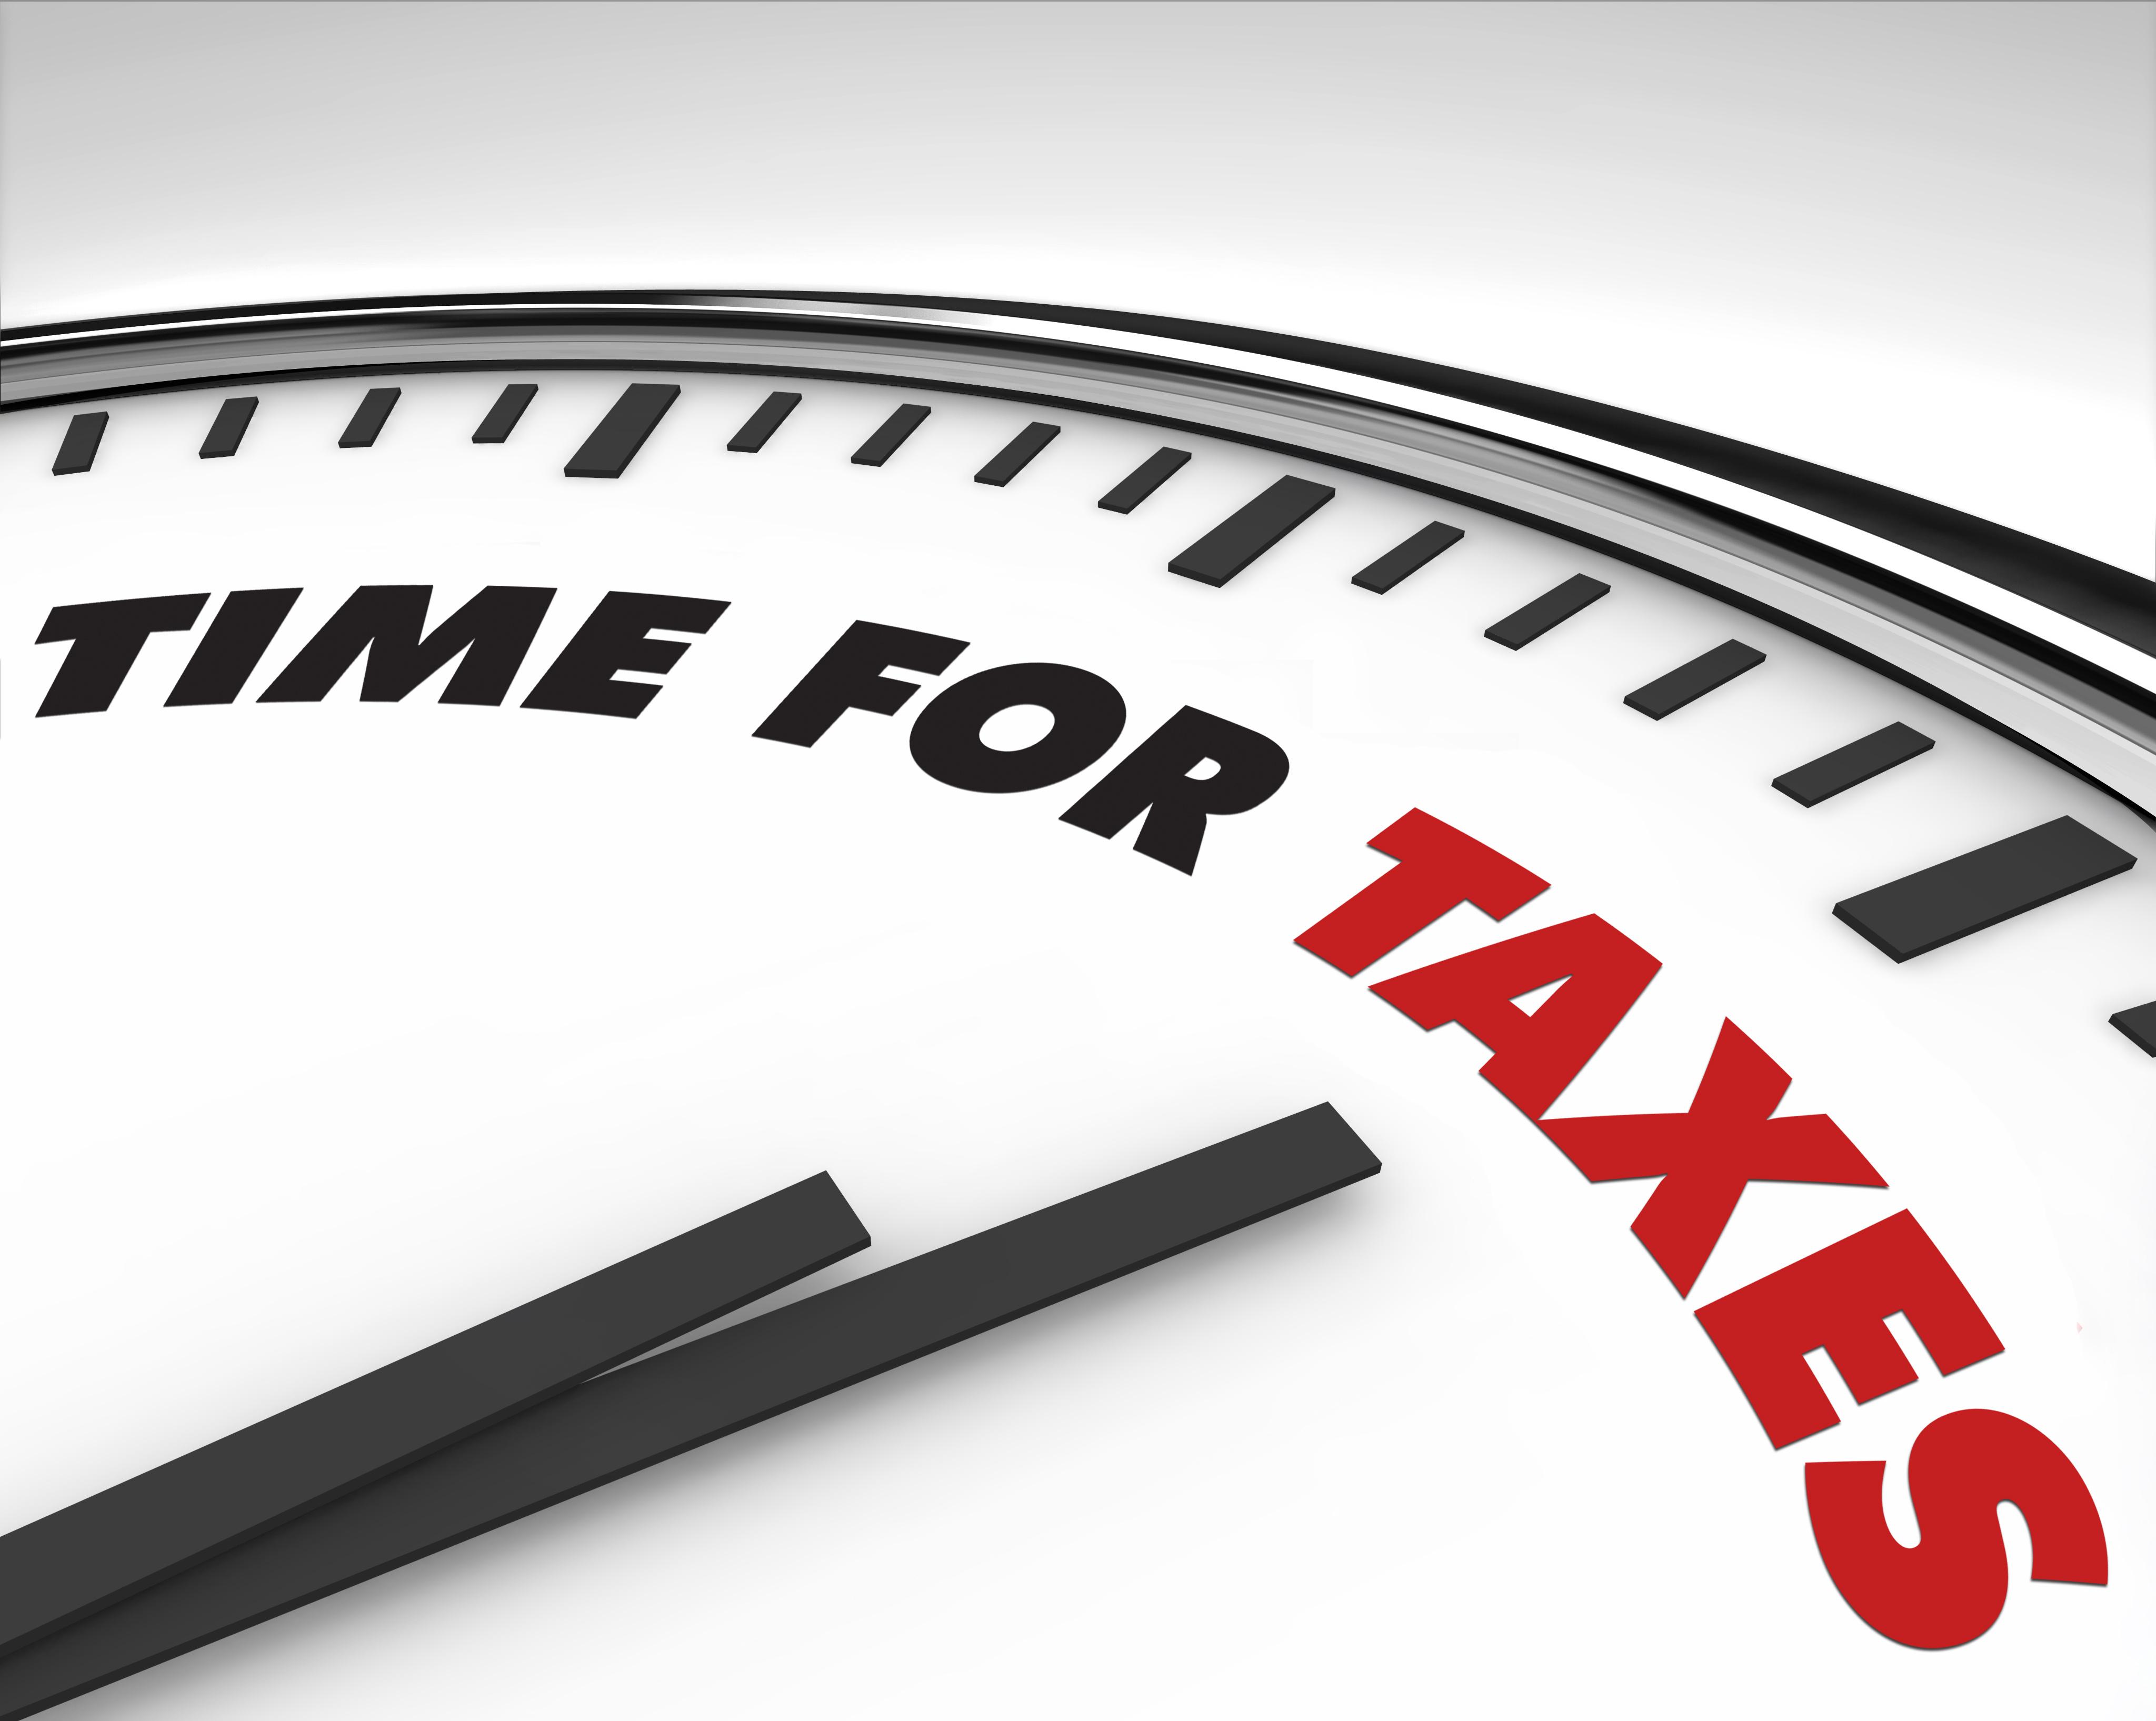 Вам на заметку: сроки подачи налоговых отчётов в 2017 году и штрафные санкции за просрочку.